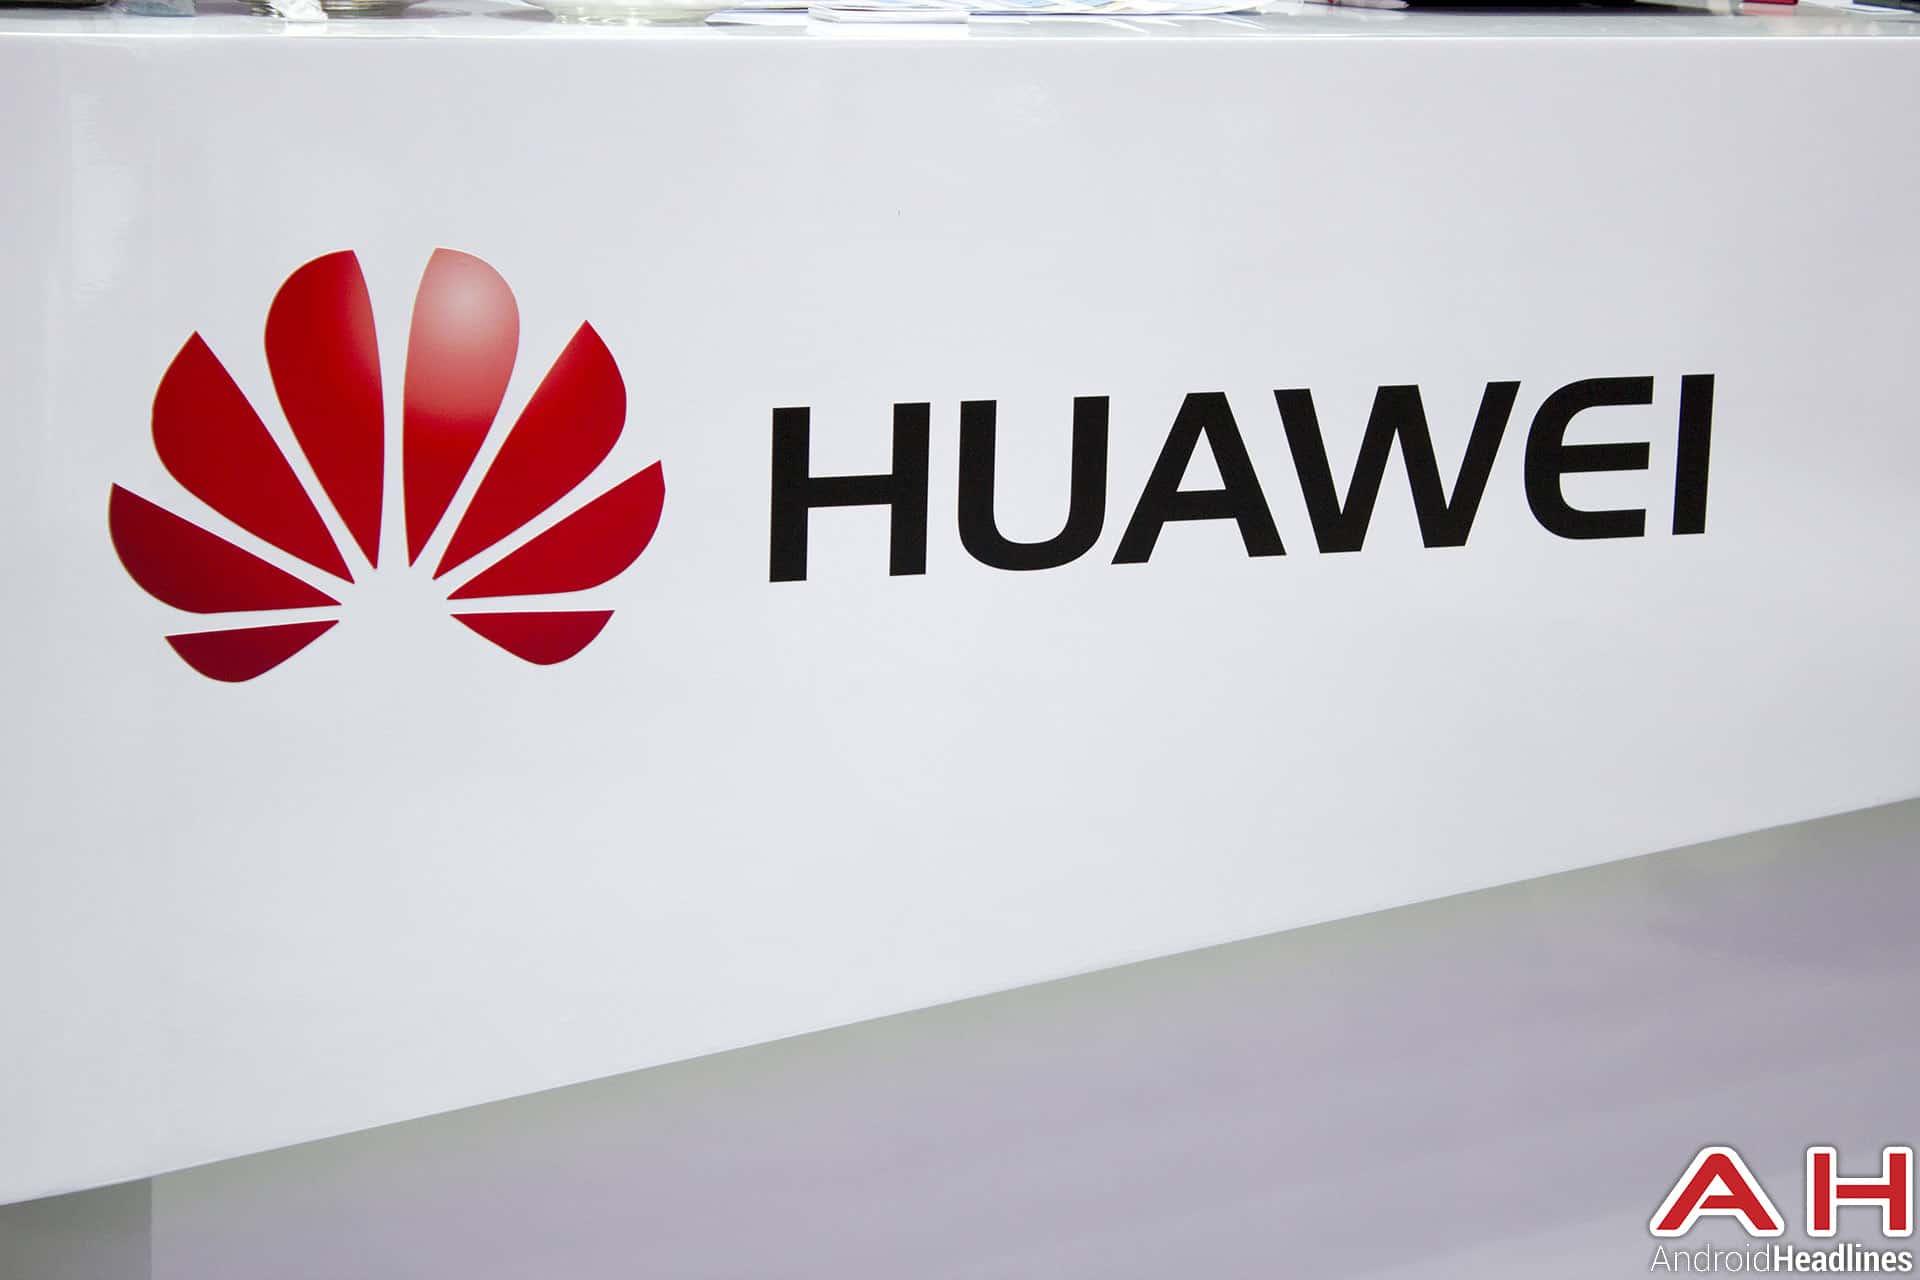 Wonderful Wallpaper Logo Huawei - huawei-logo-1  Perfect Image Reference_553675.jpg